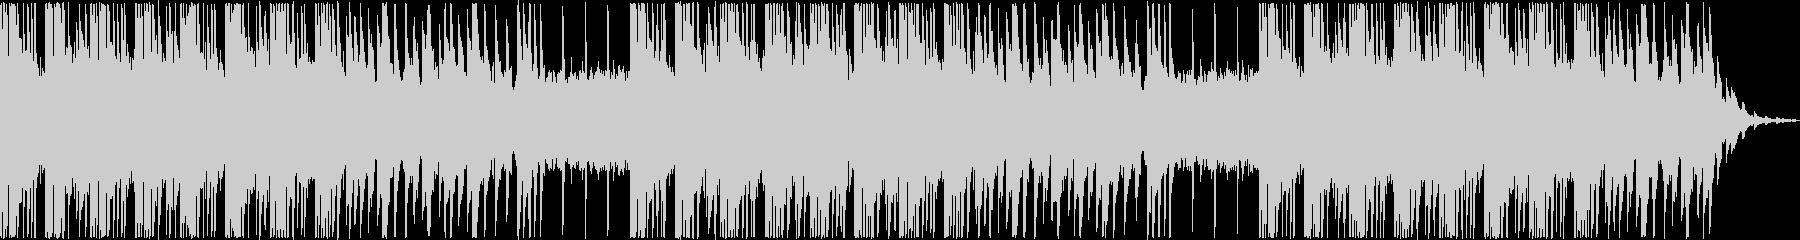 切ない感動的な雰囲気のピアノバラードの未再生の波形